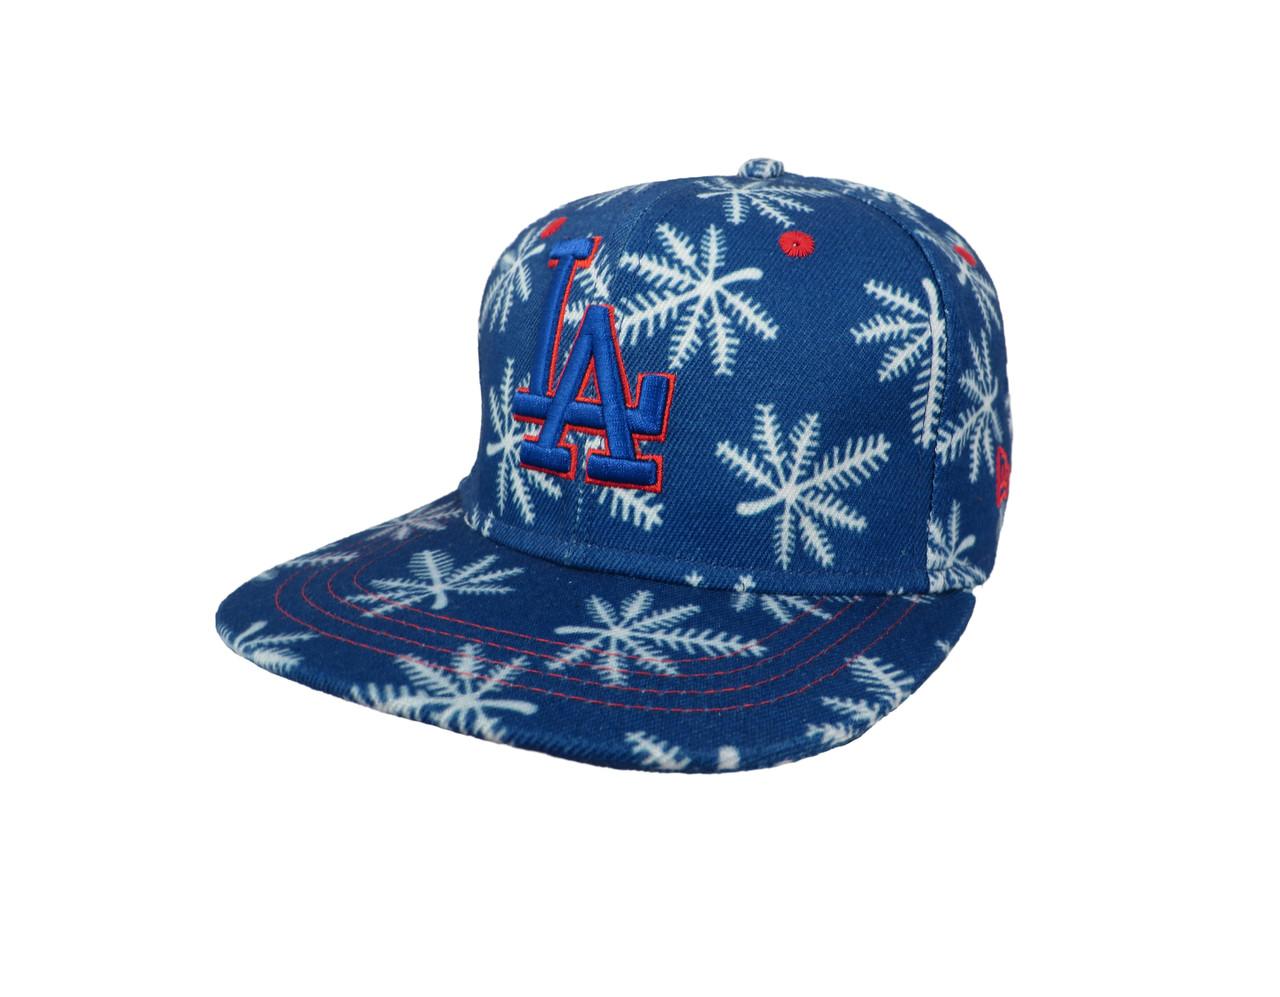 Синяя кепка c белымы листьями конопли